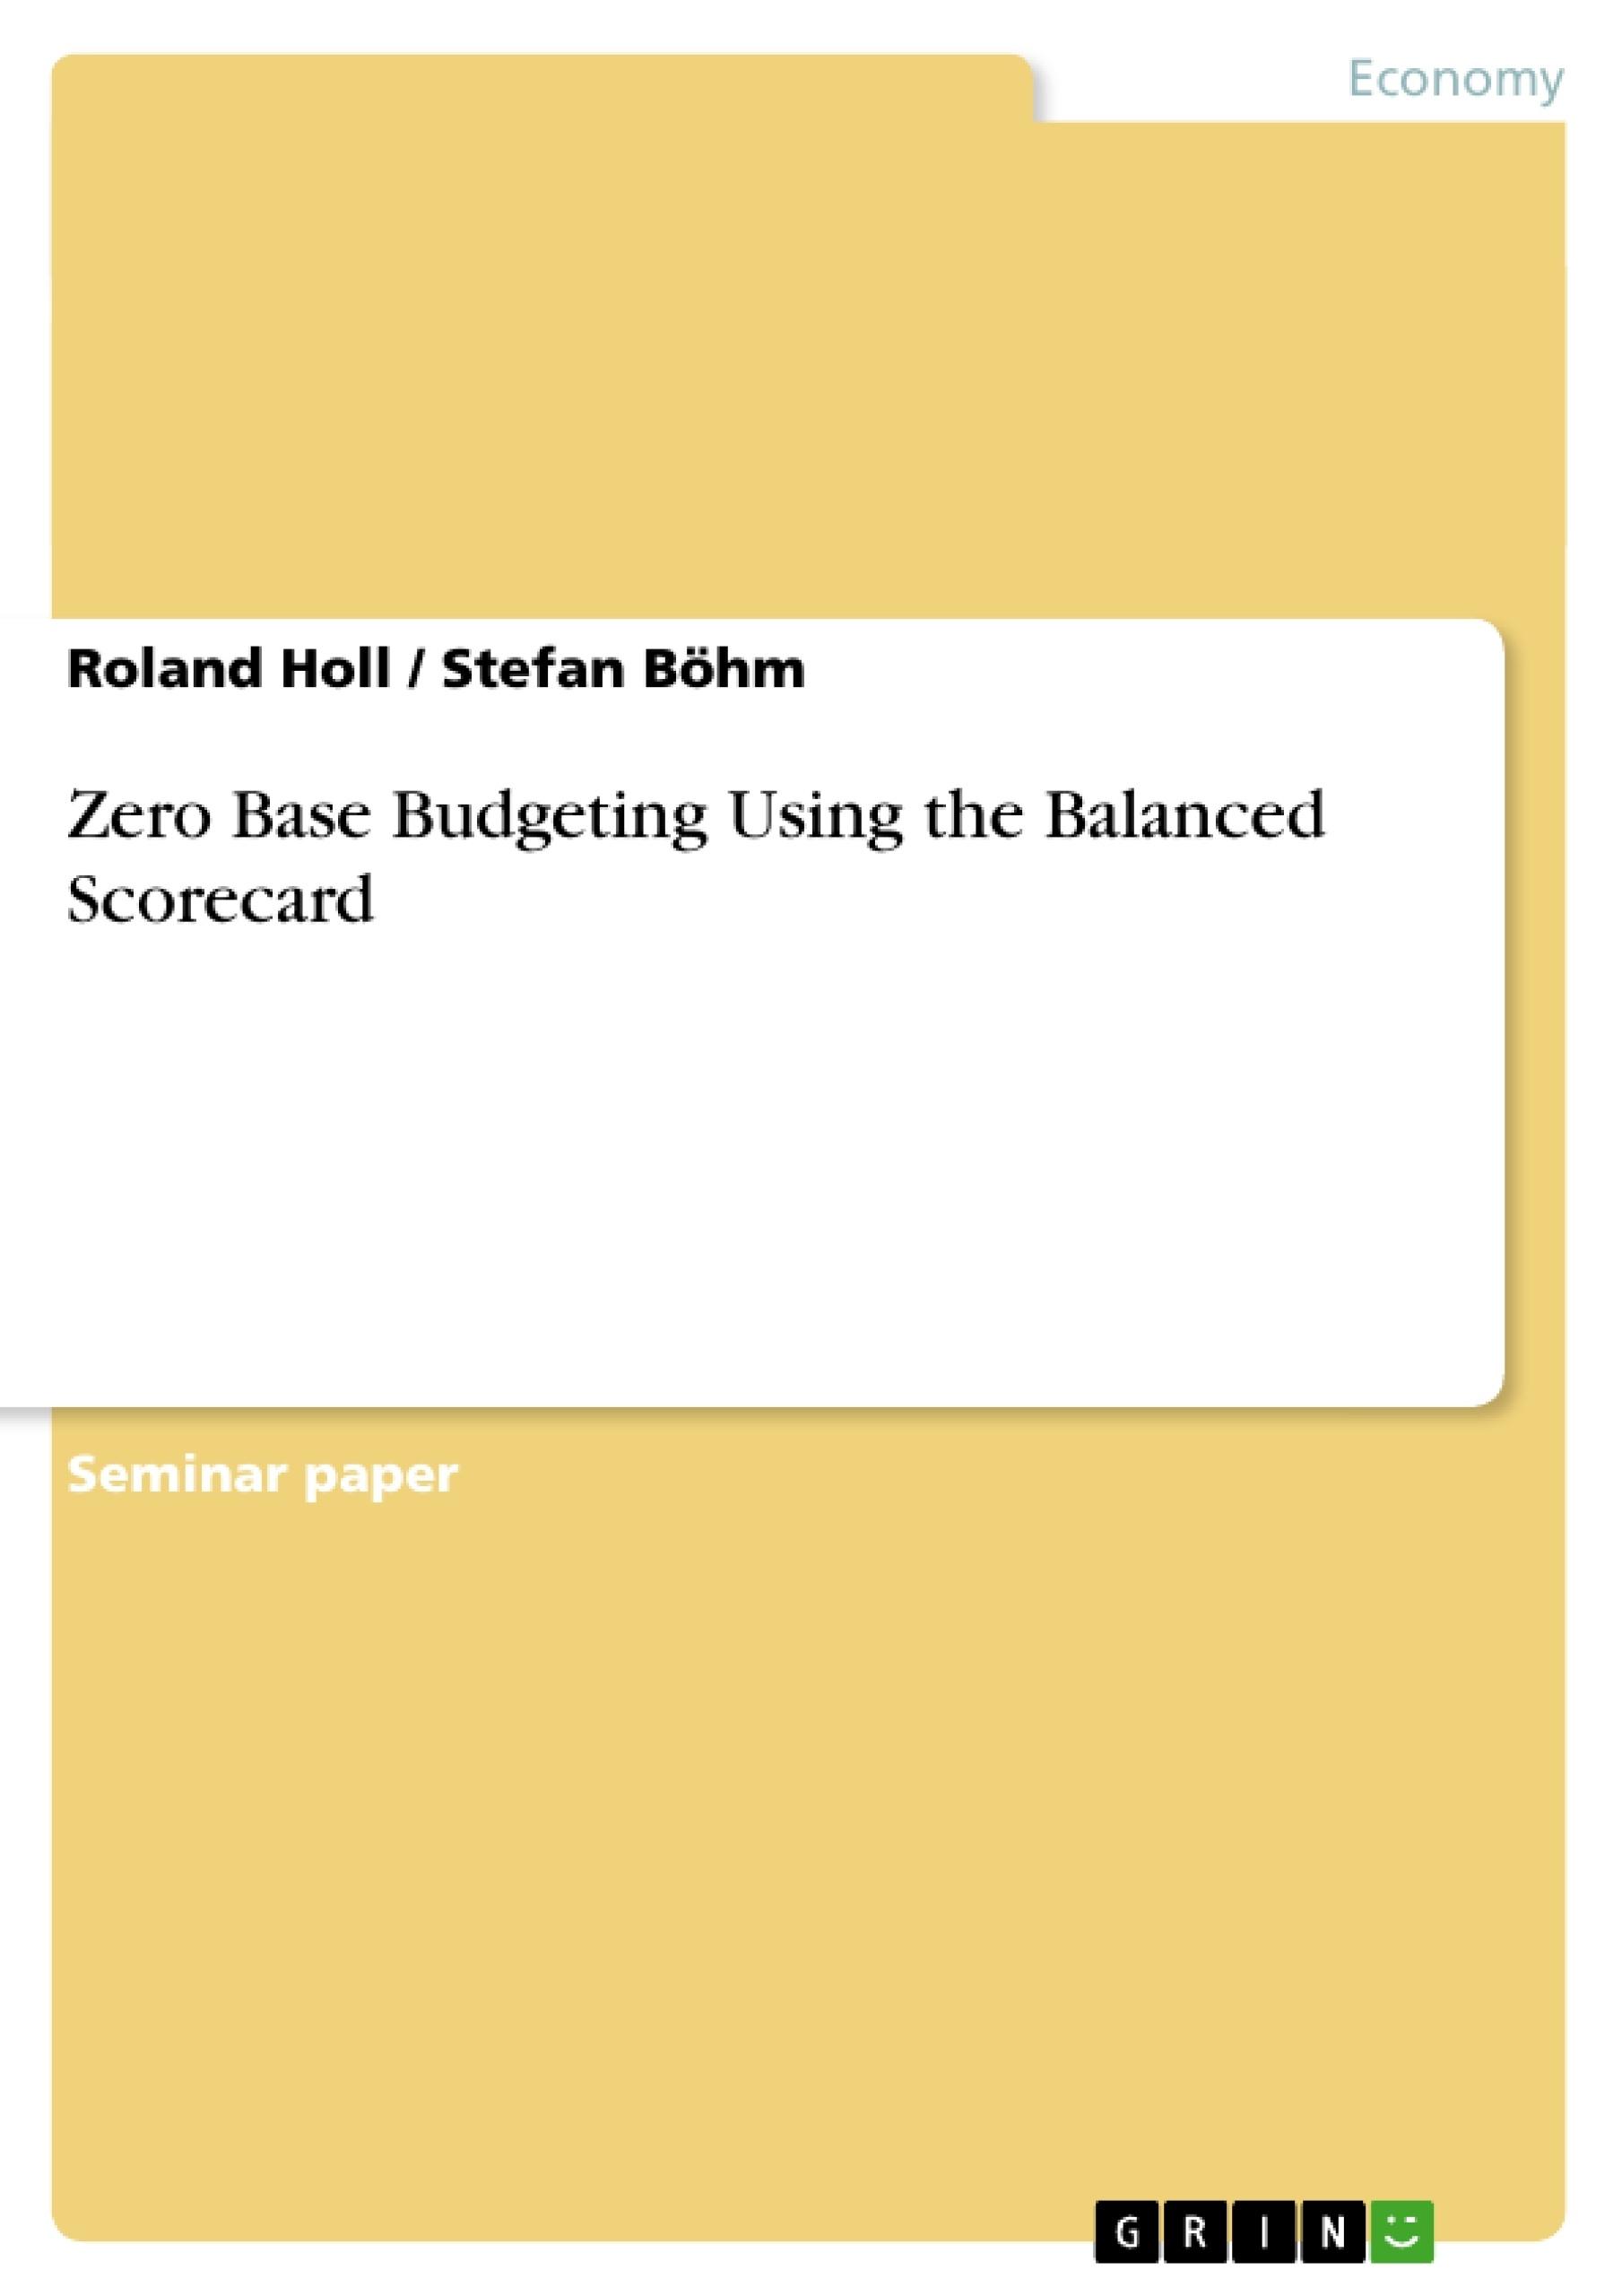 Title: Zero Base Budgeting Using the Balanced Scorecard